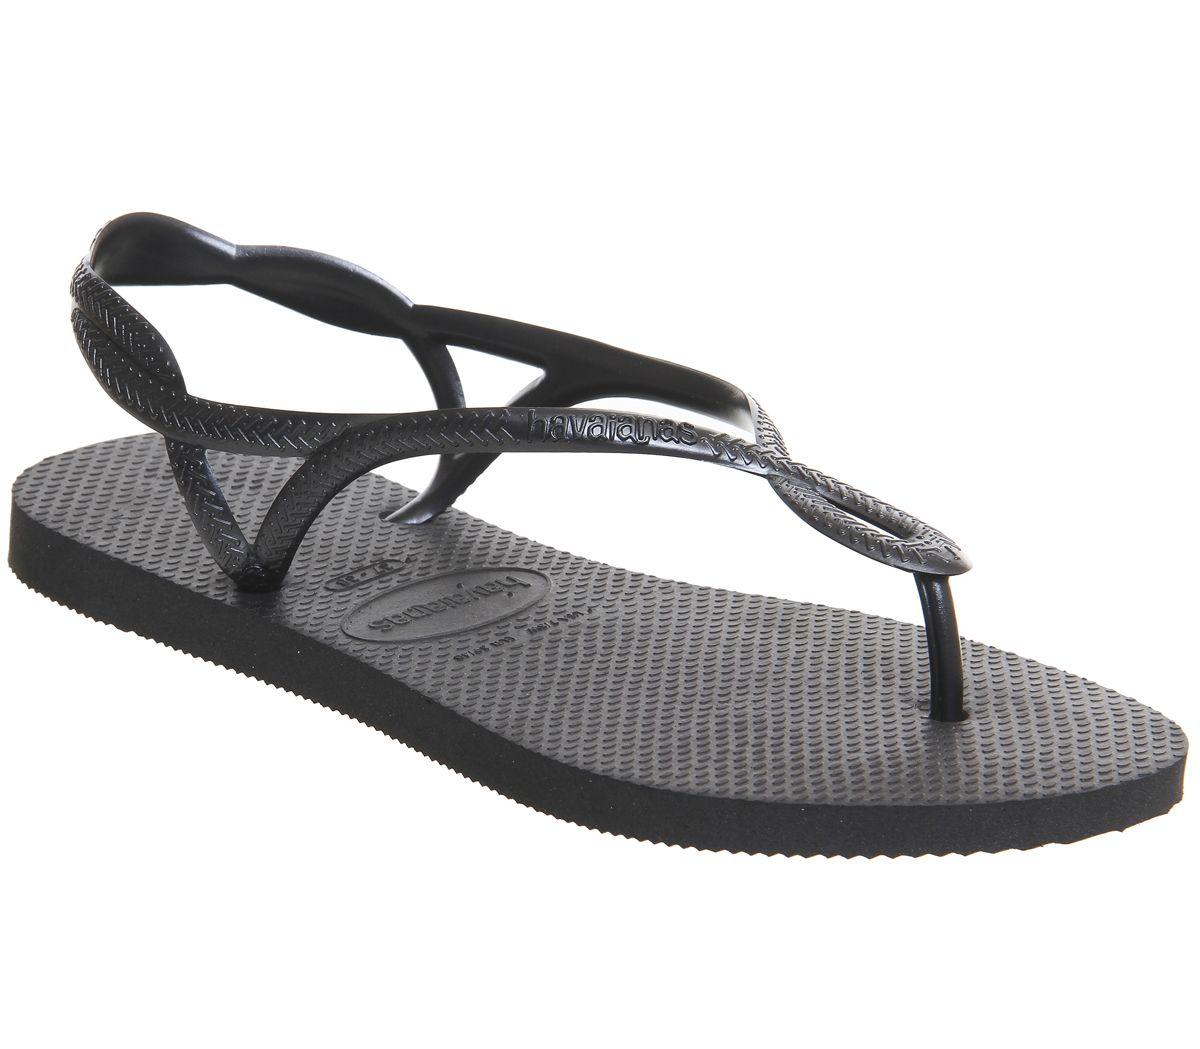 614e10abb Havaianas Luna Flip Flops Black - Sandals